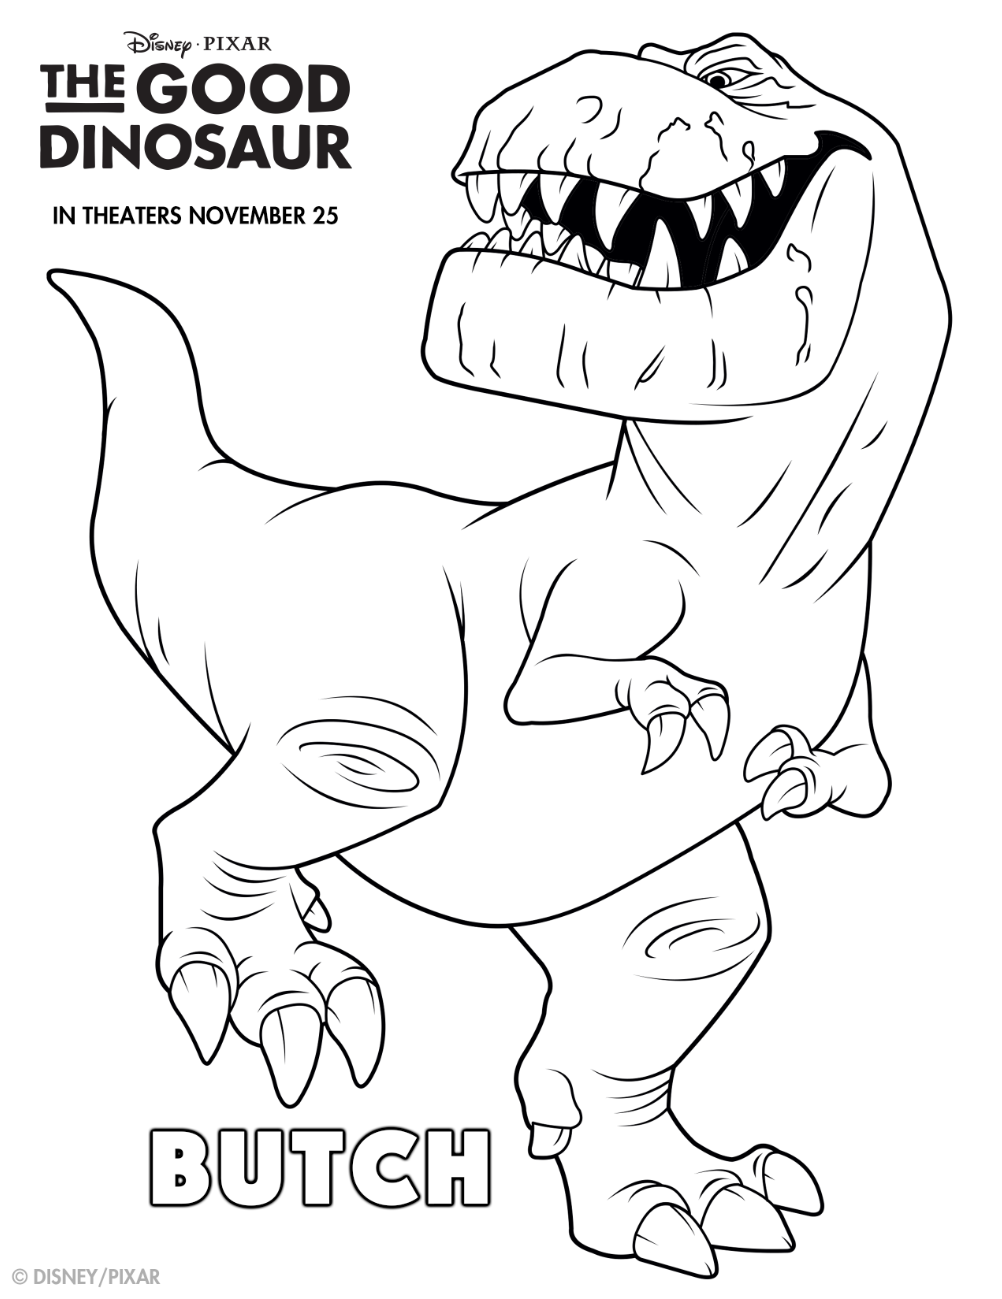 dinosaur coloring sheet - Akba.greenw.co